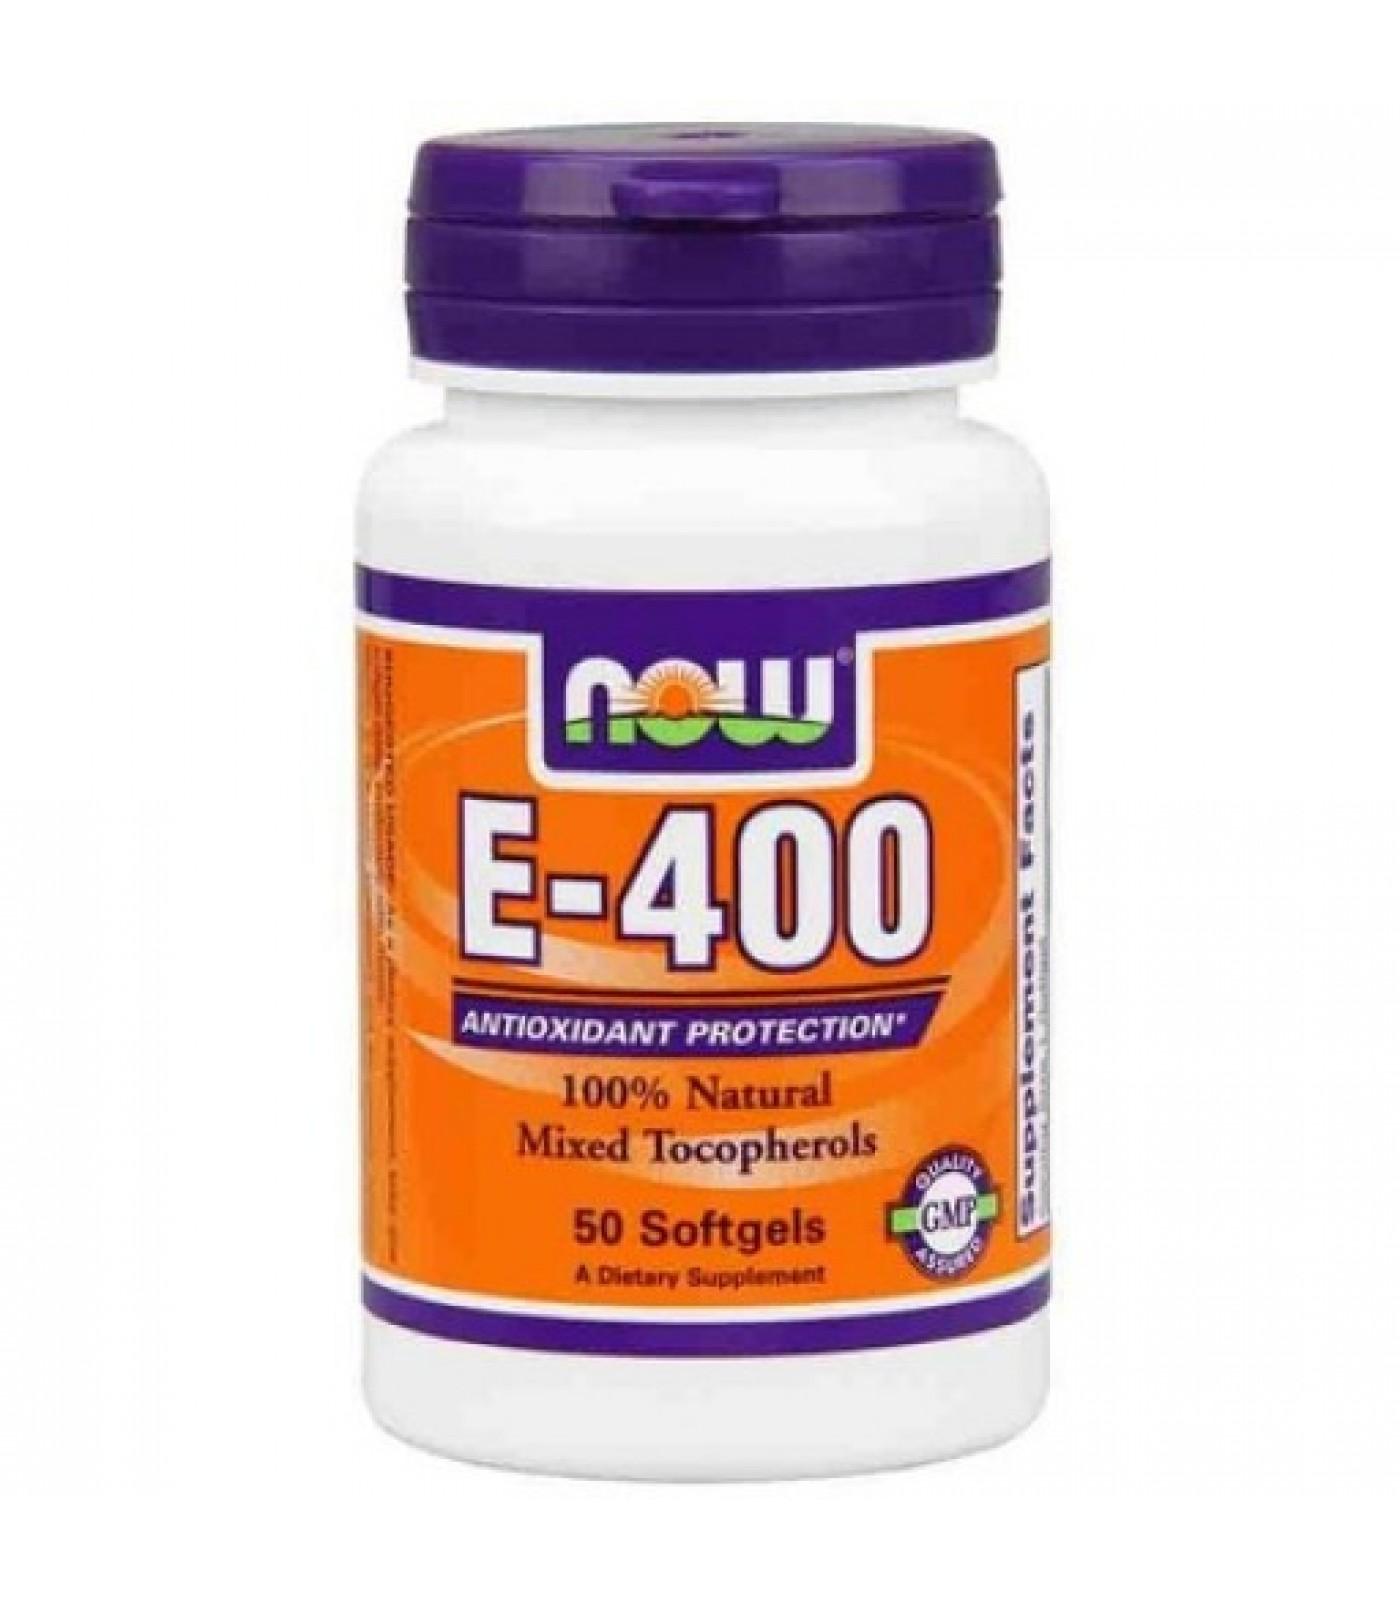 NOW - Vitamin E-400 IU (Mixed Tocopherols) / 50 Softgels